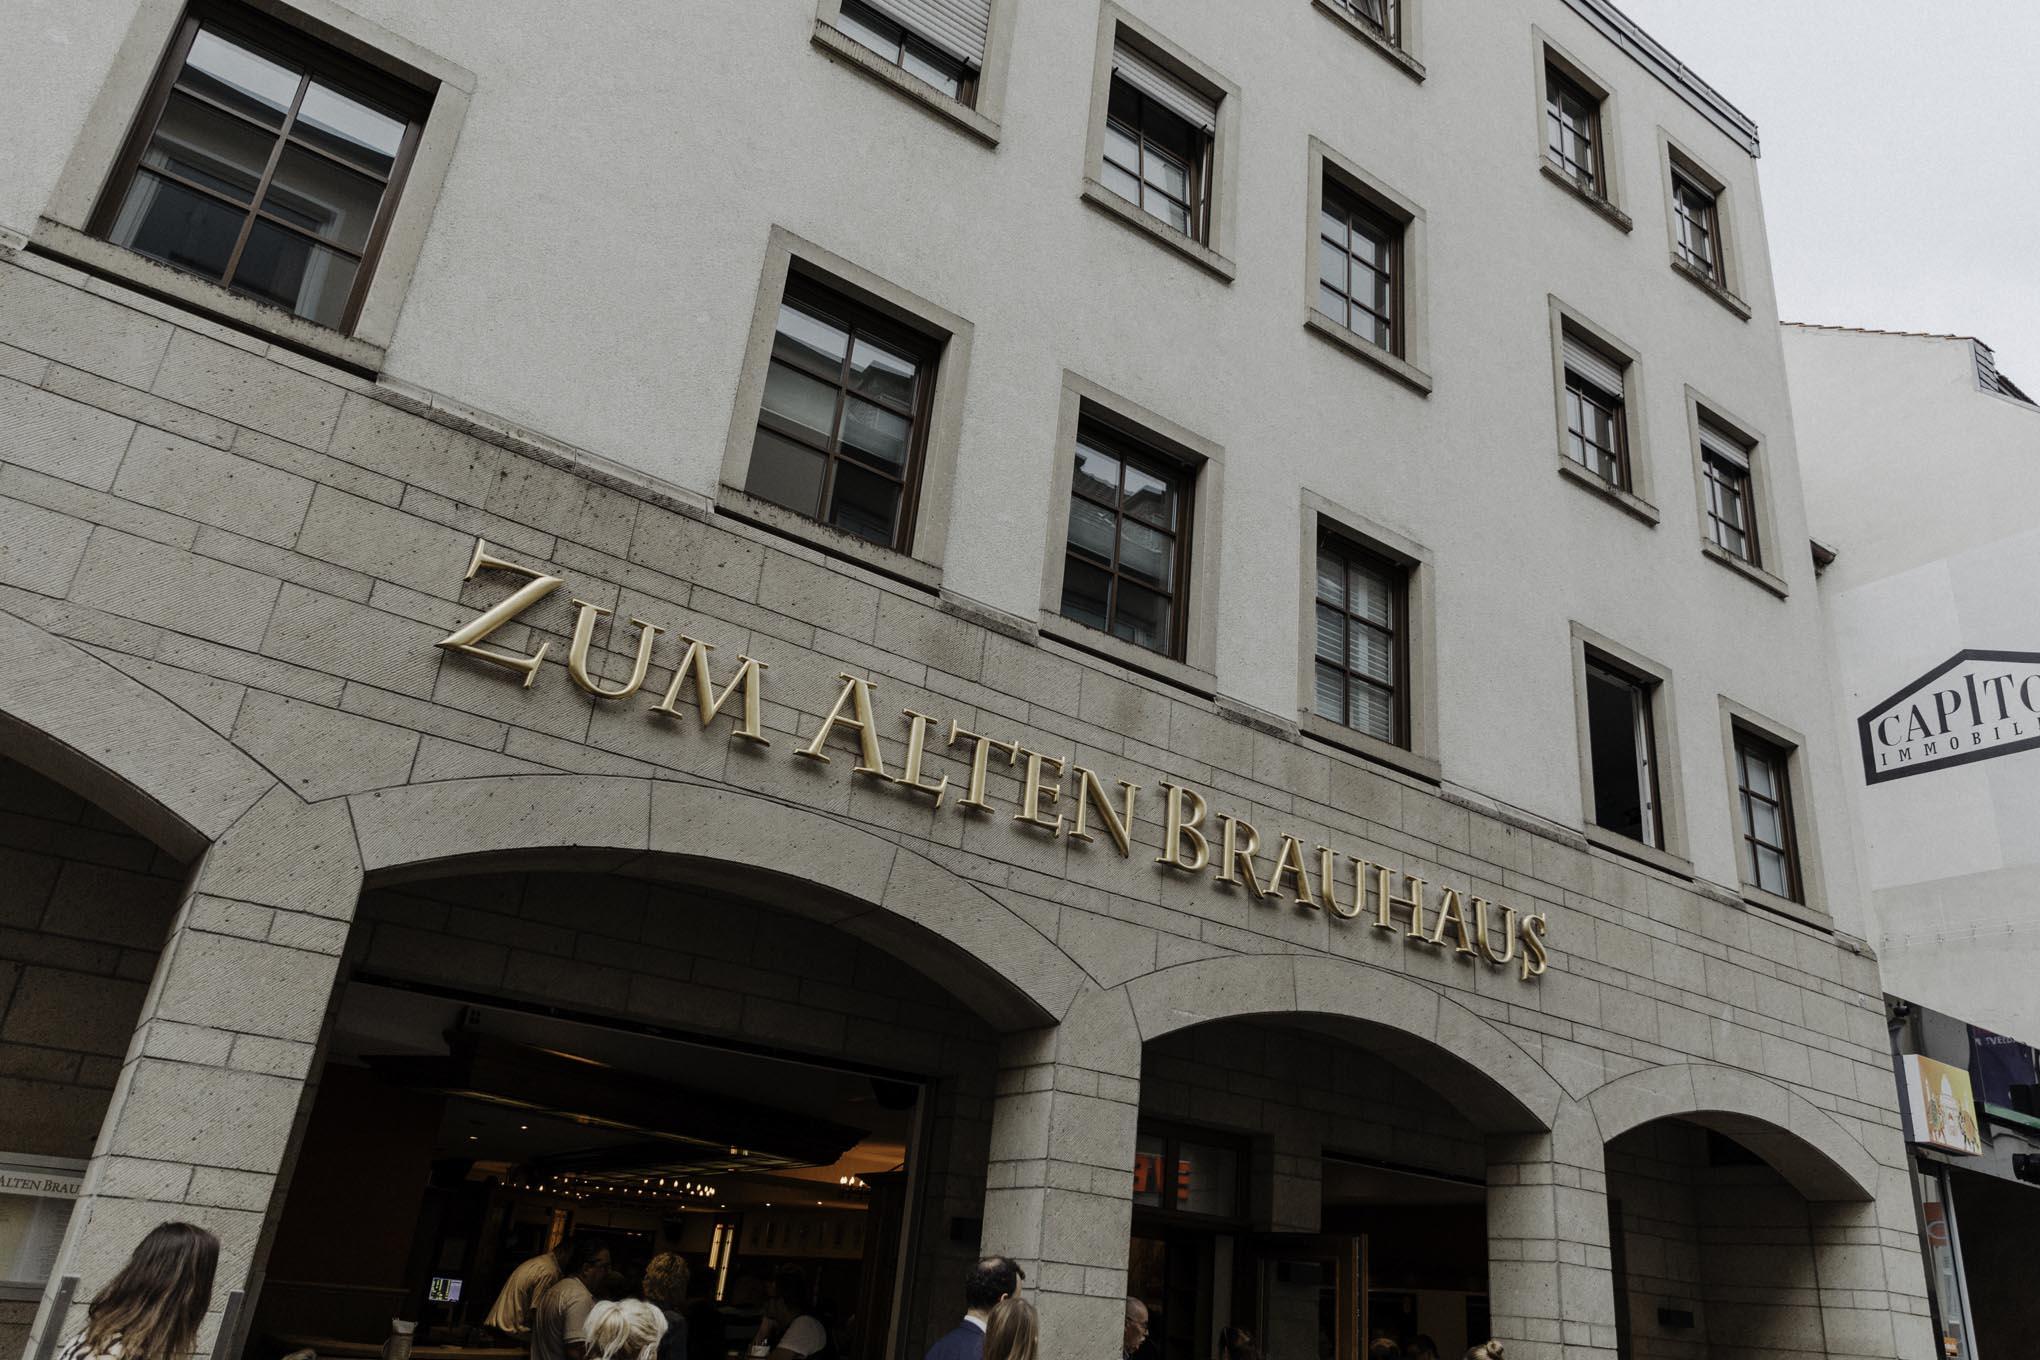 Heiraten im Zum Alten Brauhaus in Köln